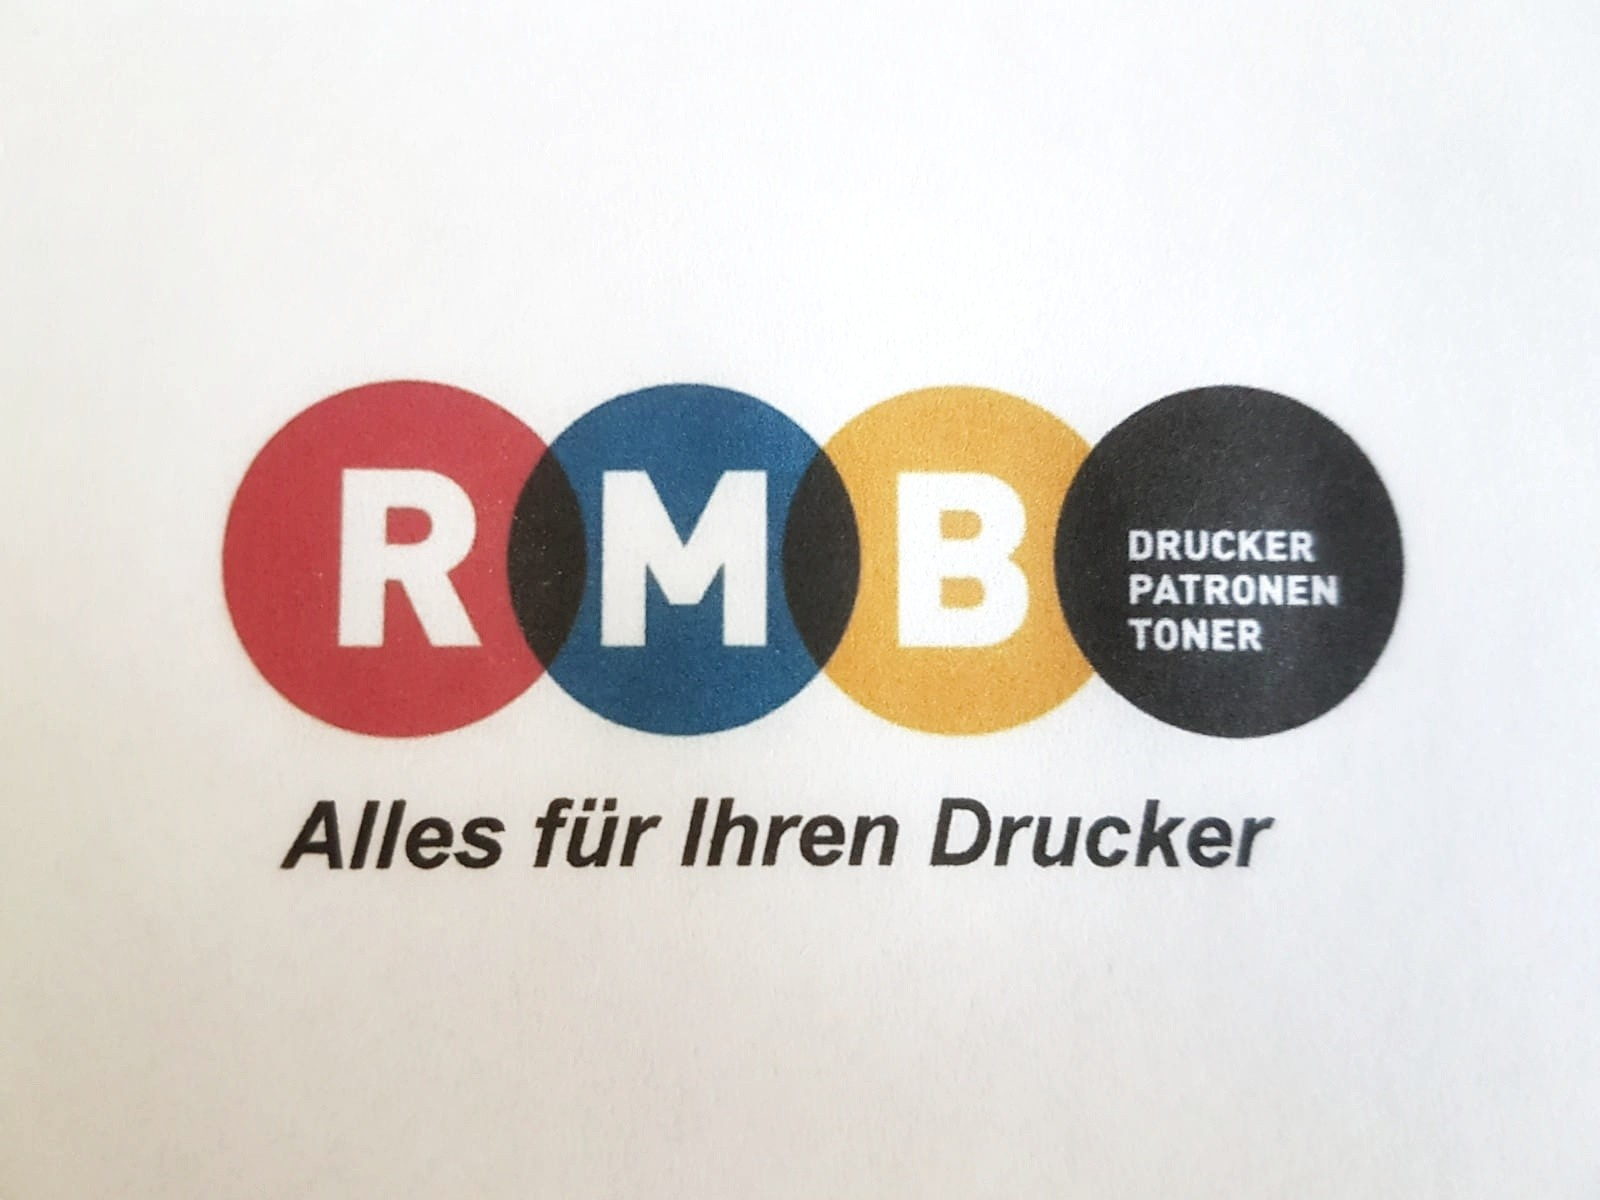 RMB Knotzer GmbH - Shop in der Millennium City, 1200 Wien - Bauteil 1/ 1. Stock  LEIDER IST DER SHOP ZUR ZEIT GESCHLOSSEN!  Wenn ihr etwas braucht, dann kontaktiert uns: office@rmb-knotzer.at